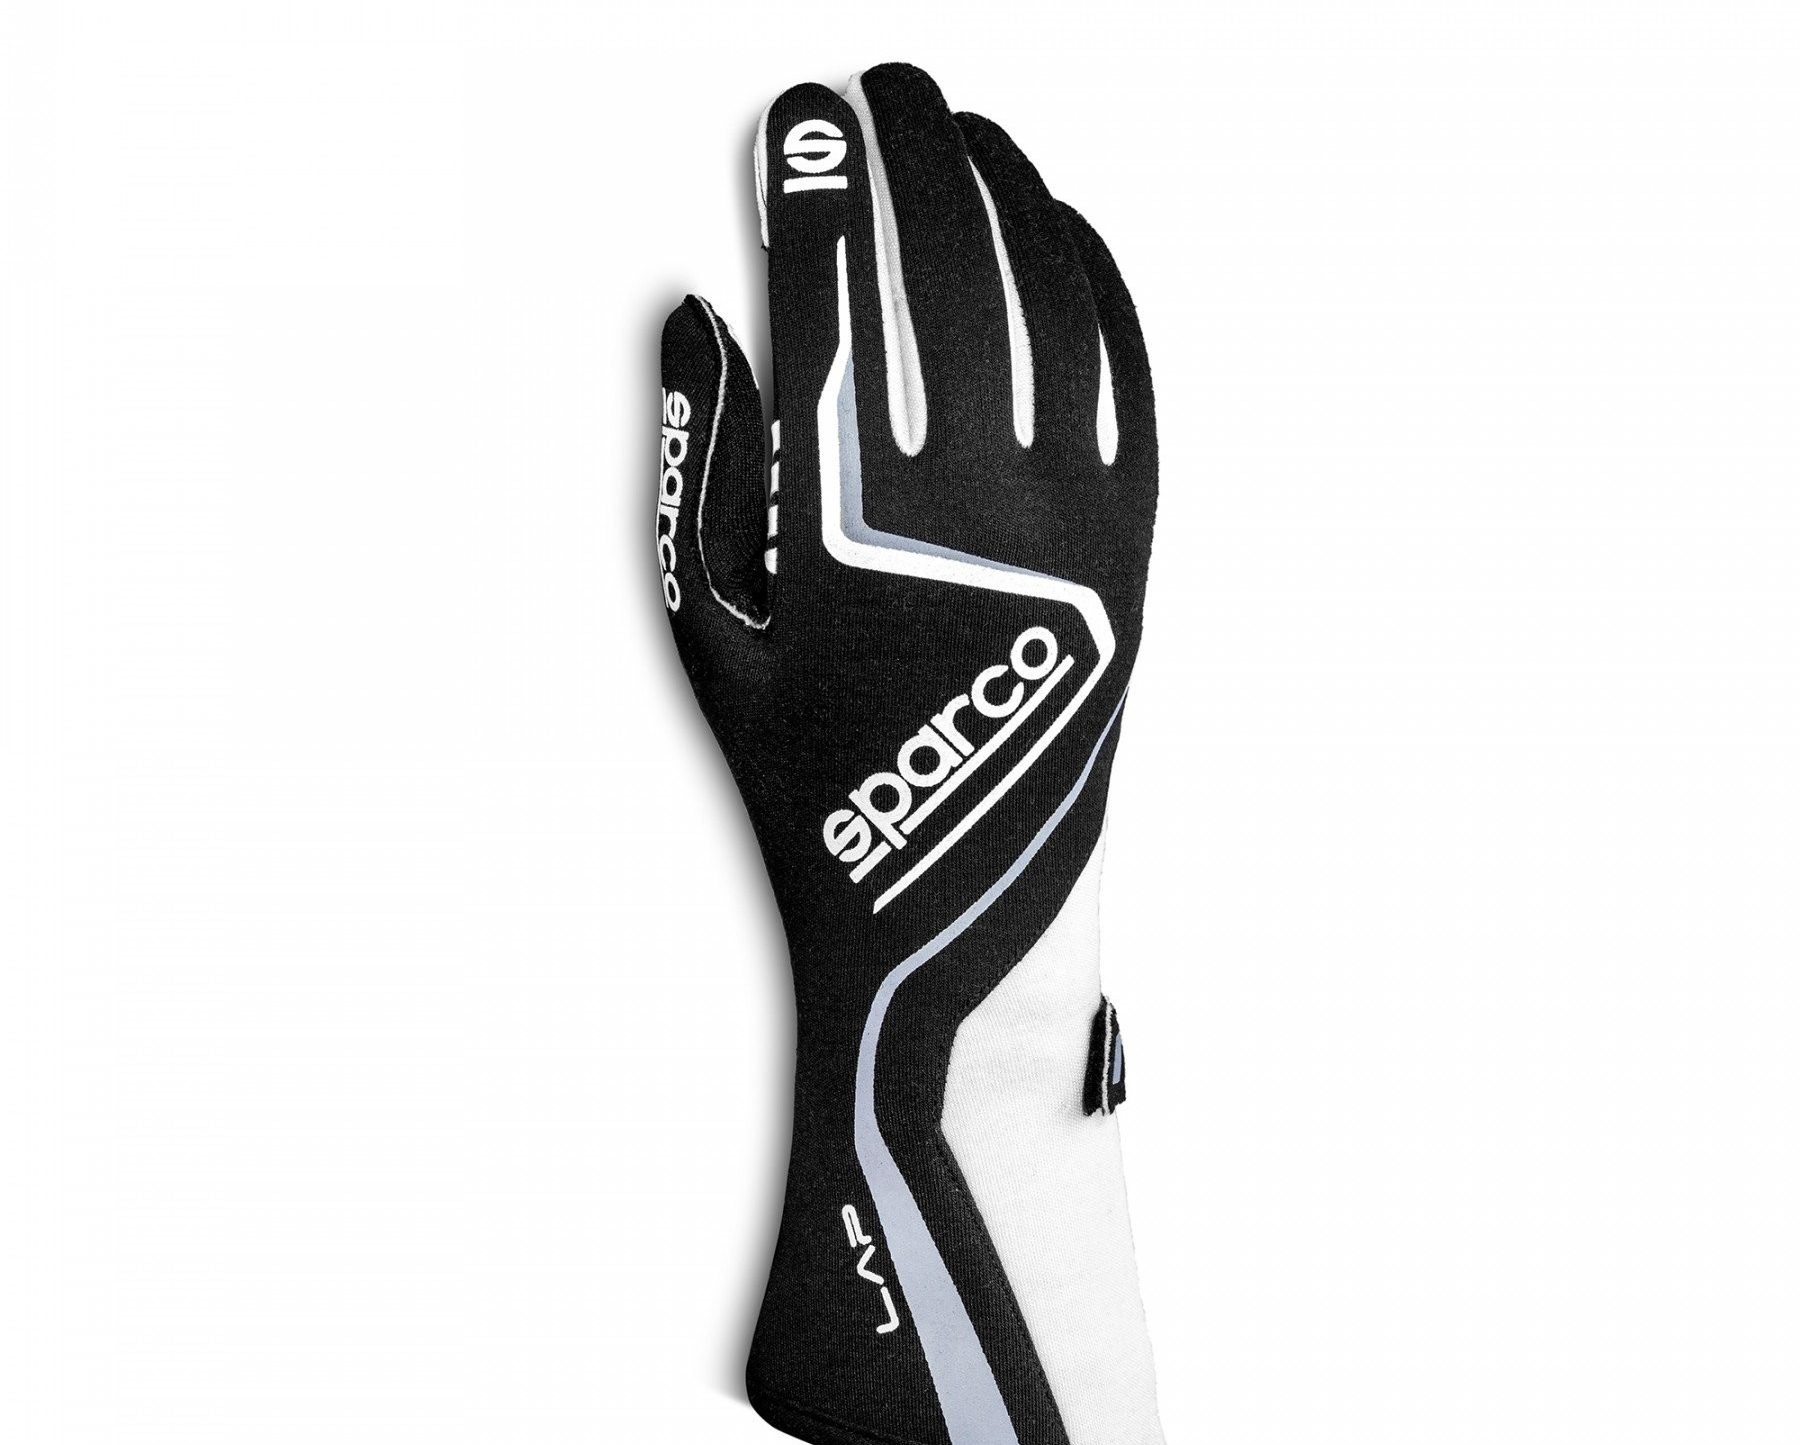 Нов продукт: Sparco Lap, FIA Gloves